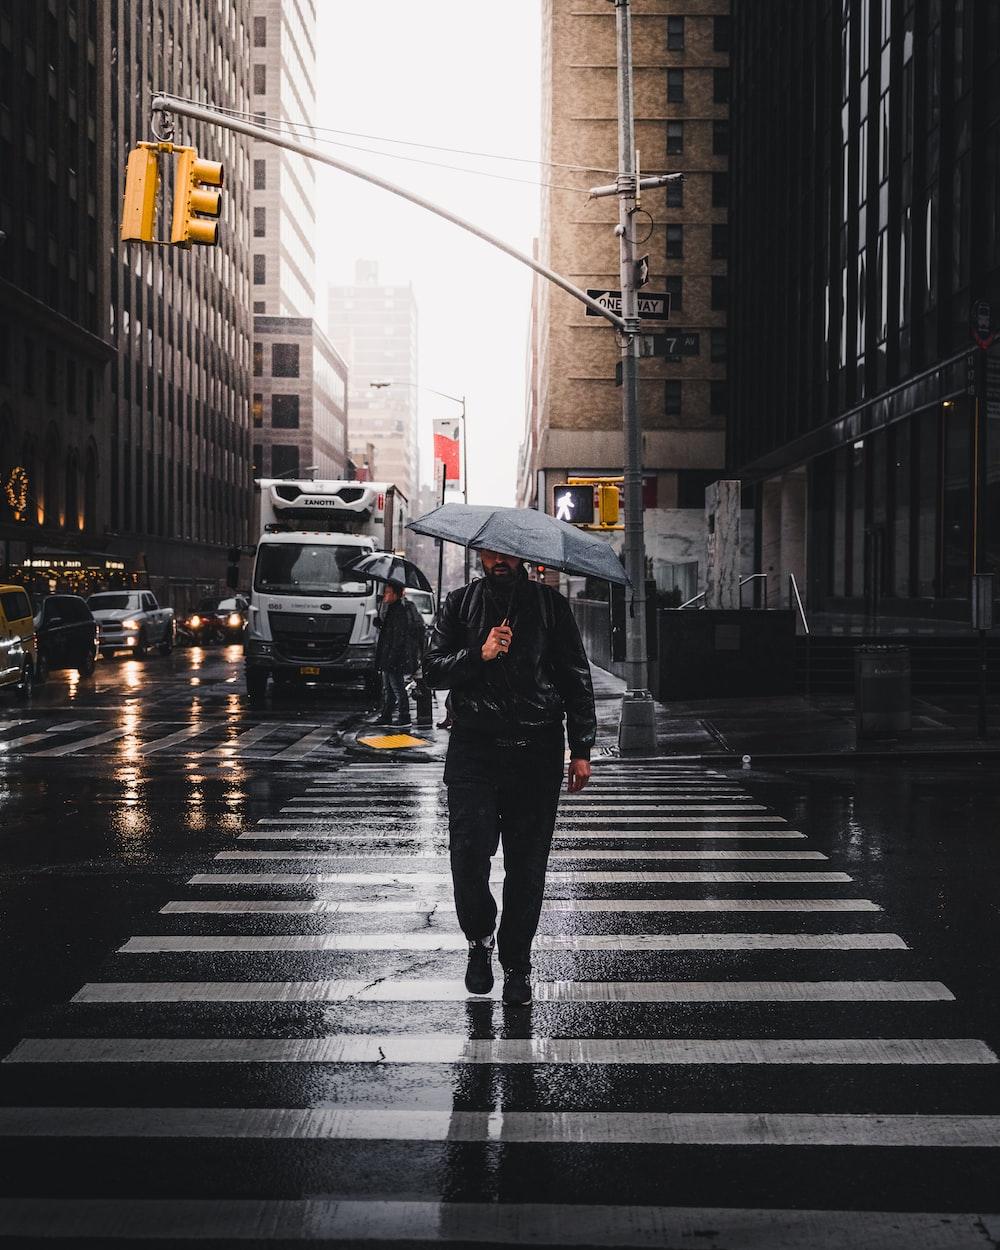 man holding umbrella walking on pedestrian lane